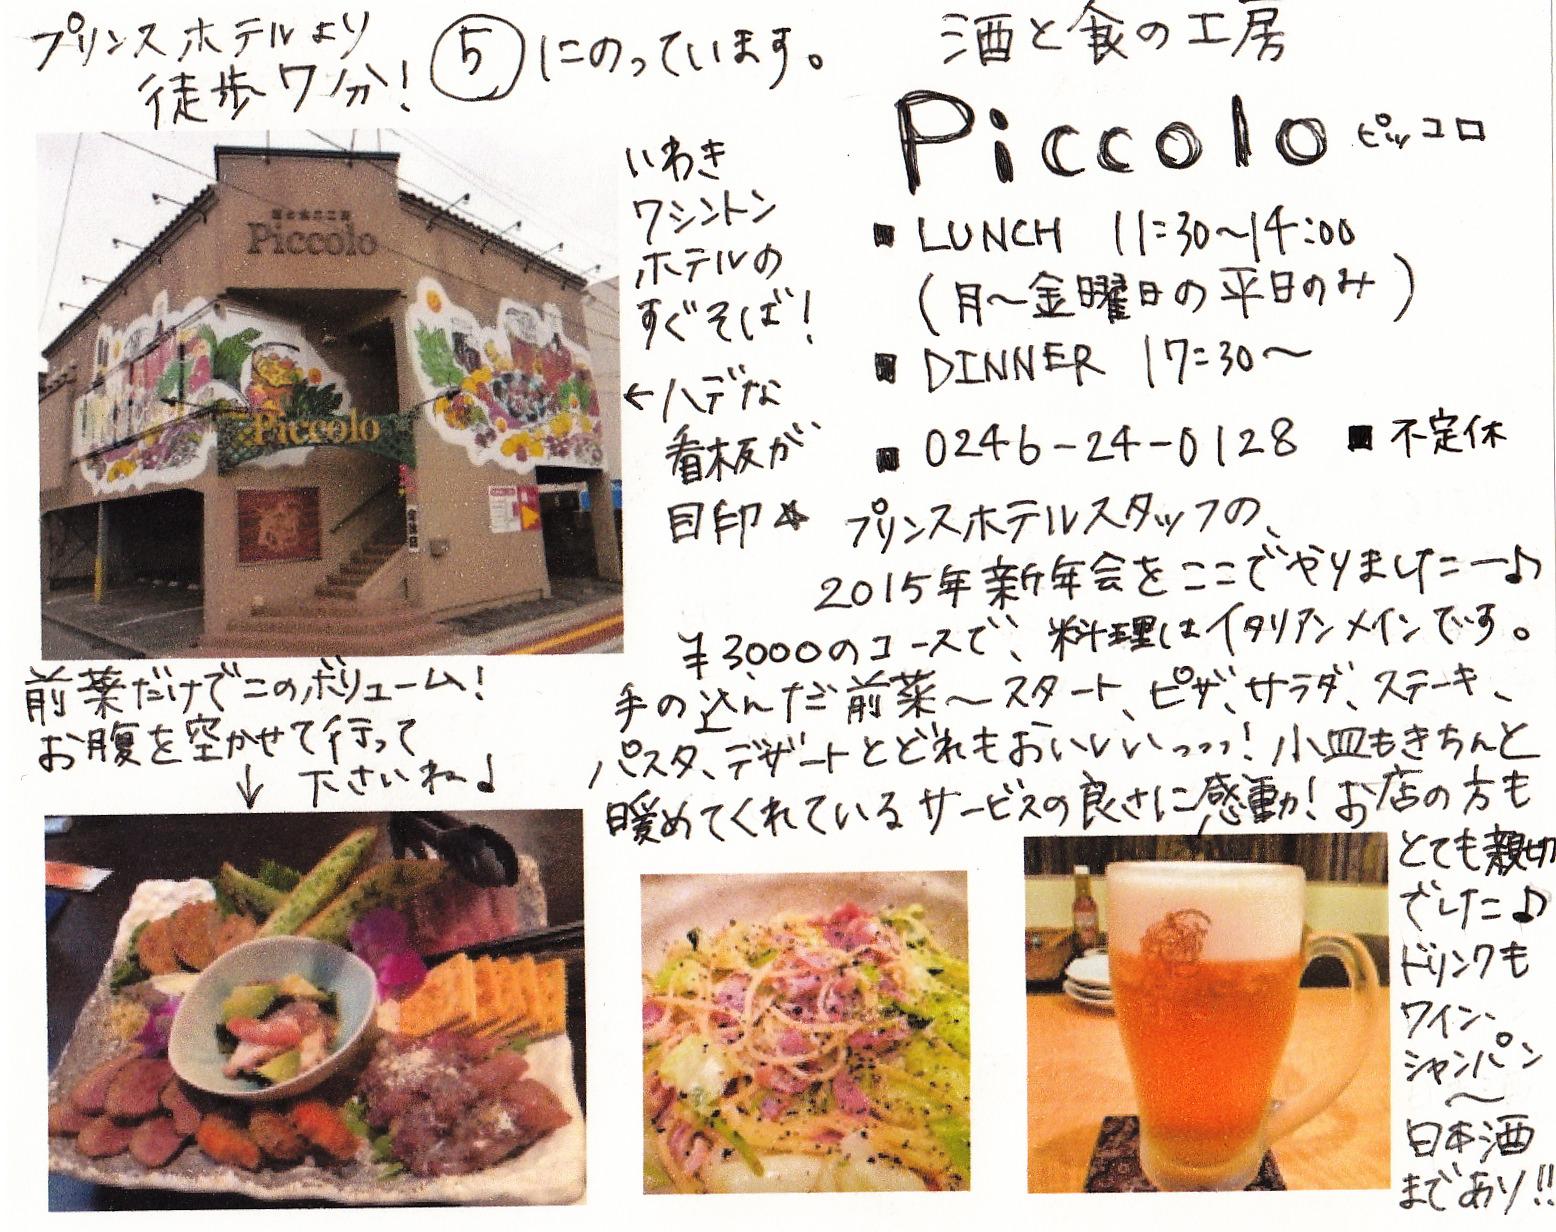 酒と食の工房 Piccolo